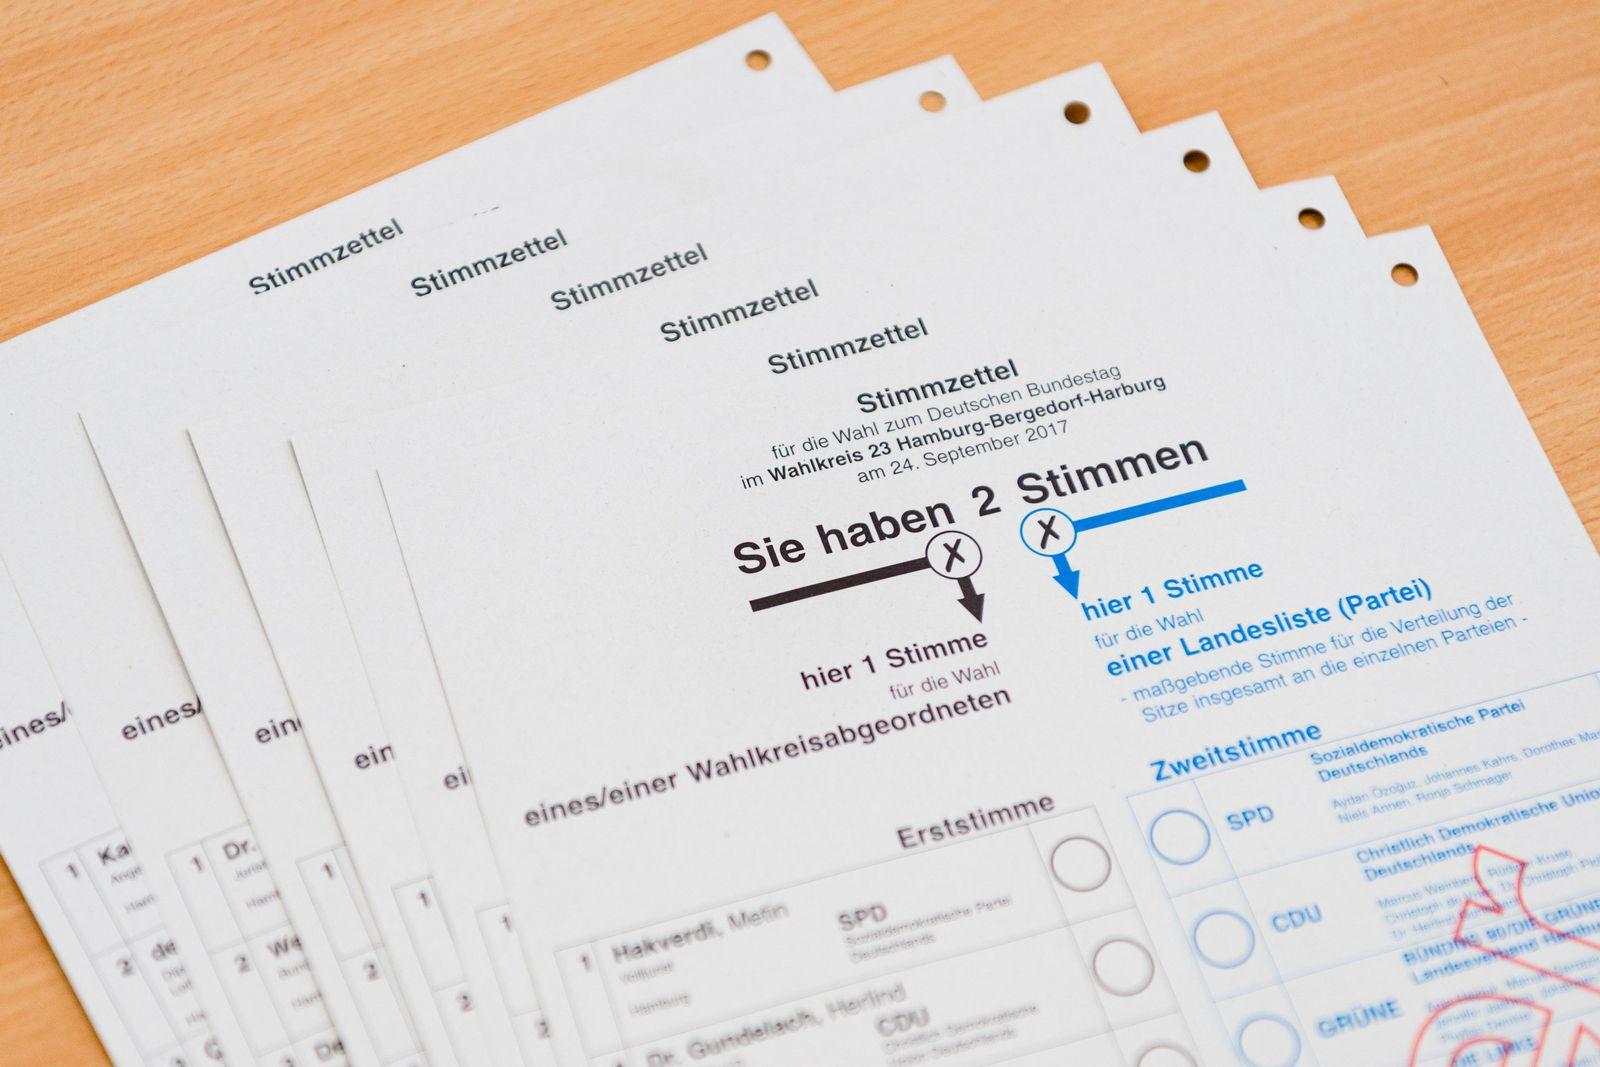 Bundestagswahl 2017/ stimmzettel